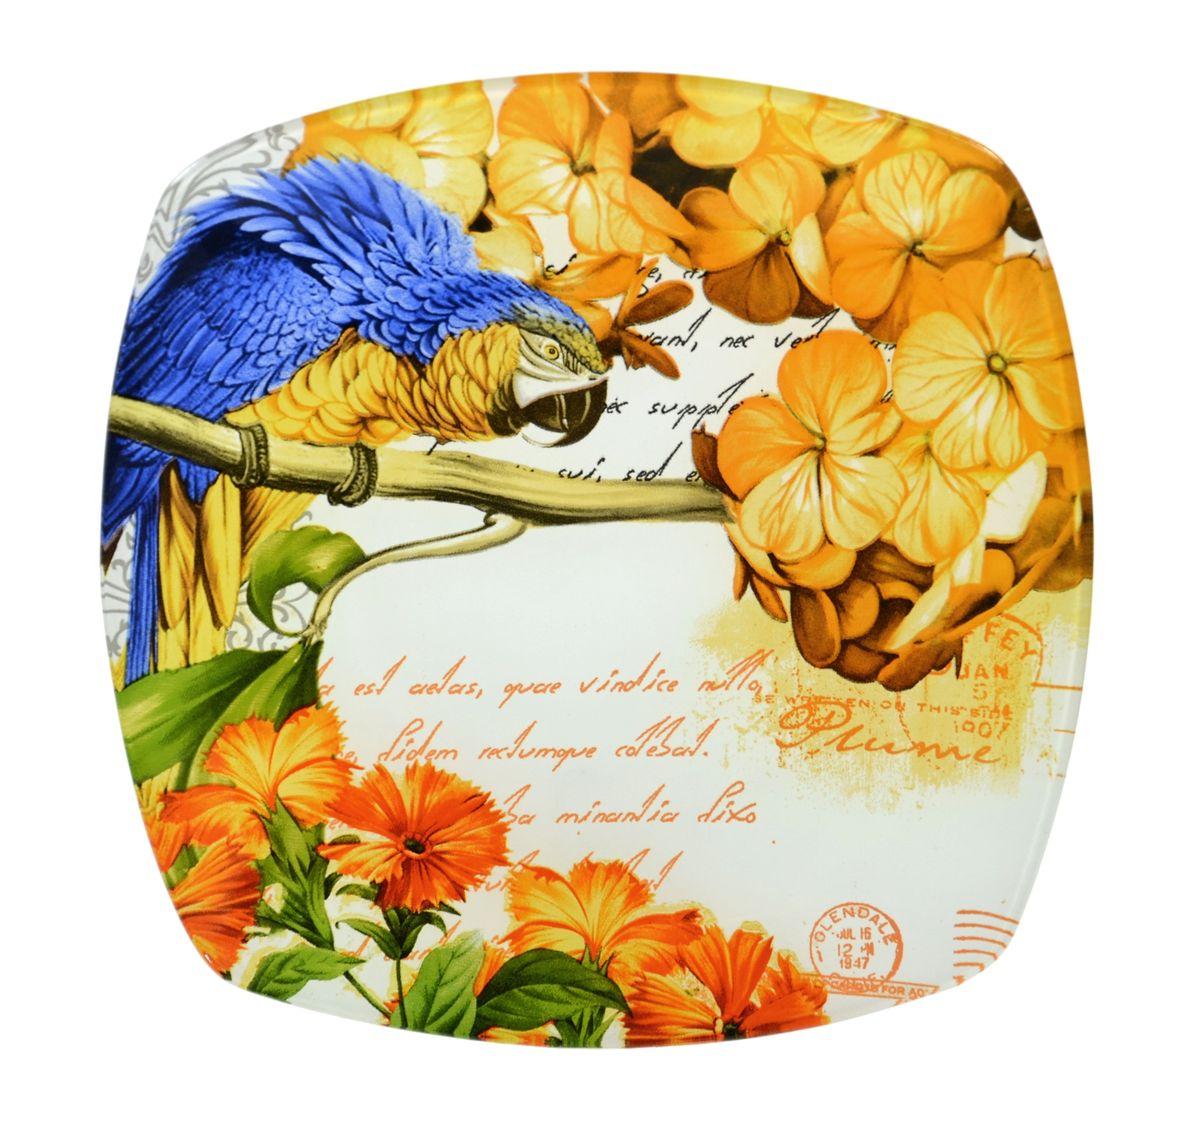 Тарелка Zibo Shelley Попугай, 25 х 25 см тарелка под пасту 25 5 см royal porcelain тарелка под пасту 25 5 см